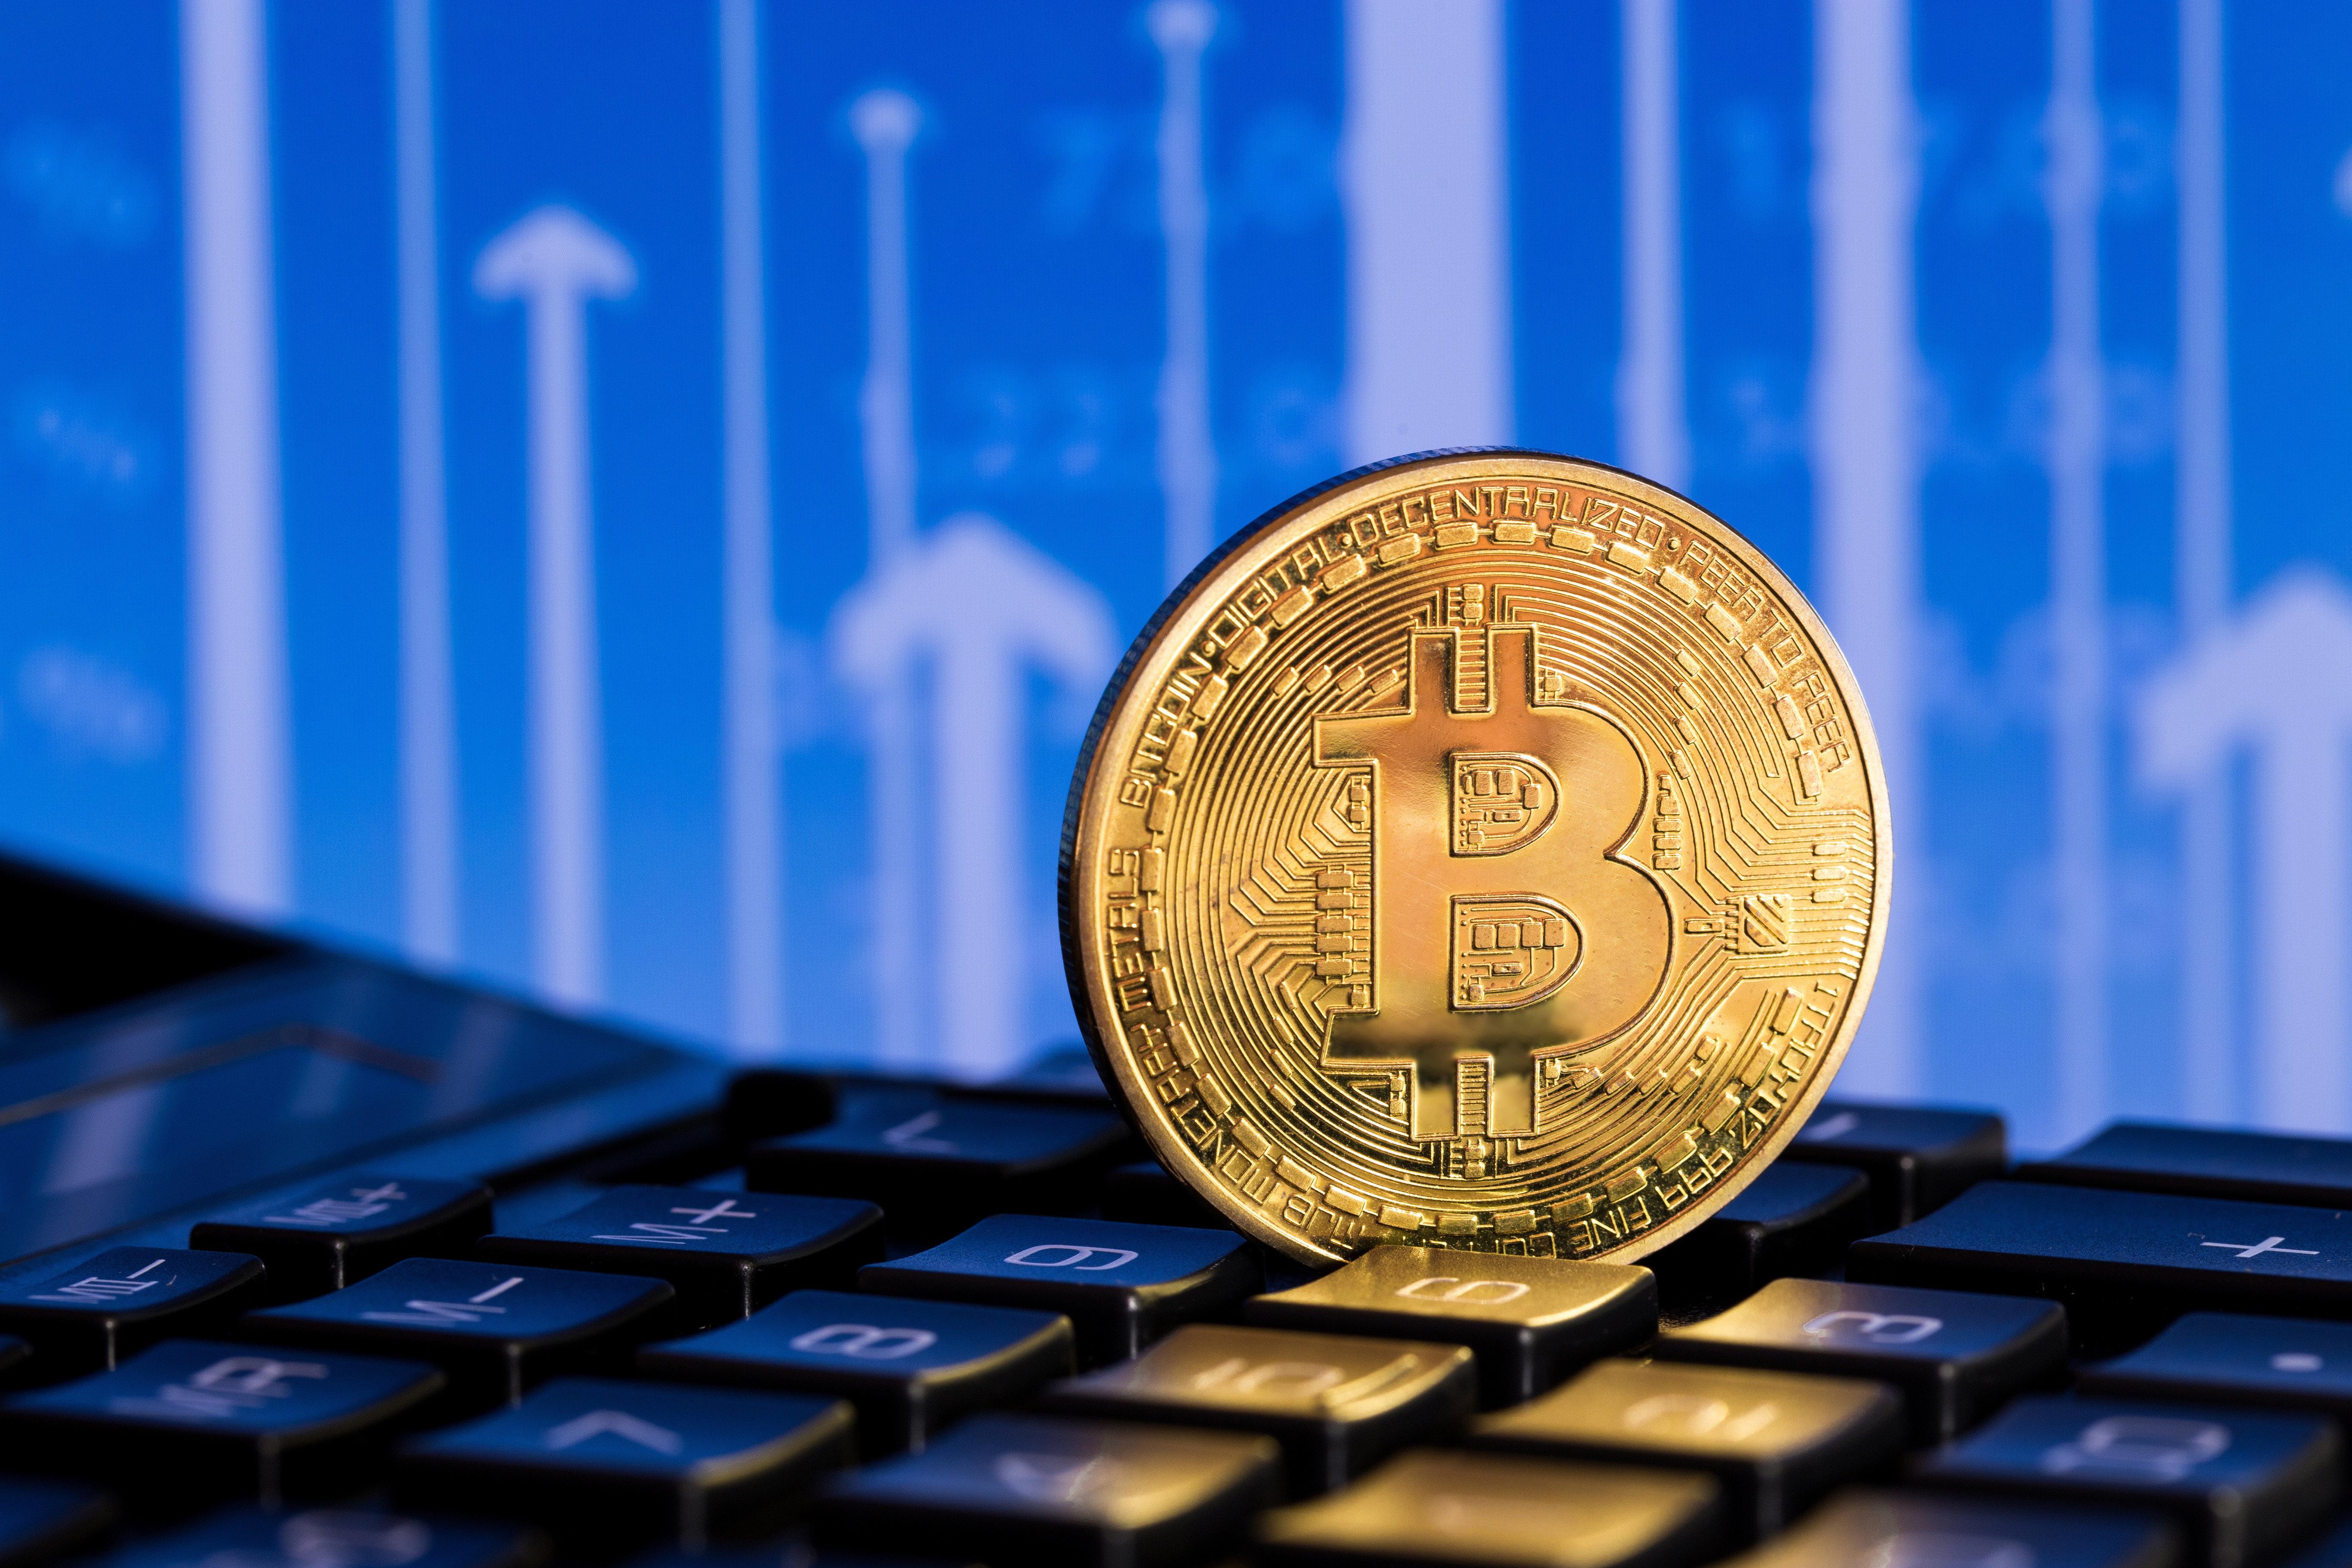 картинки криптовалюта в хорошем качестве начале мая